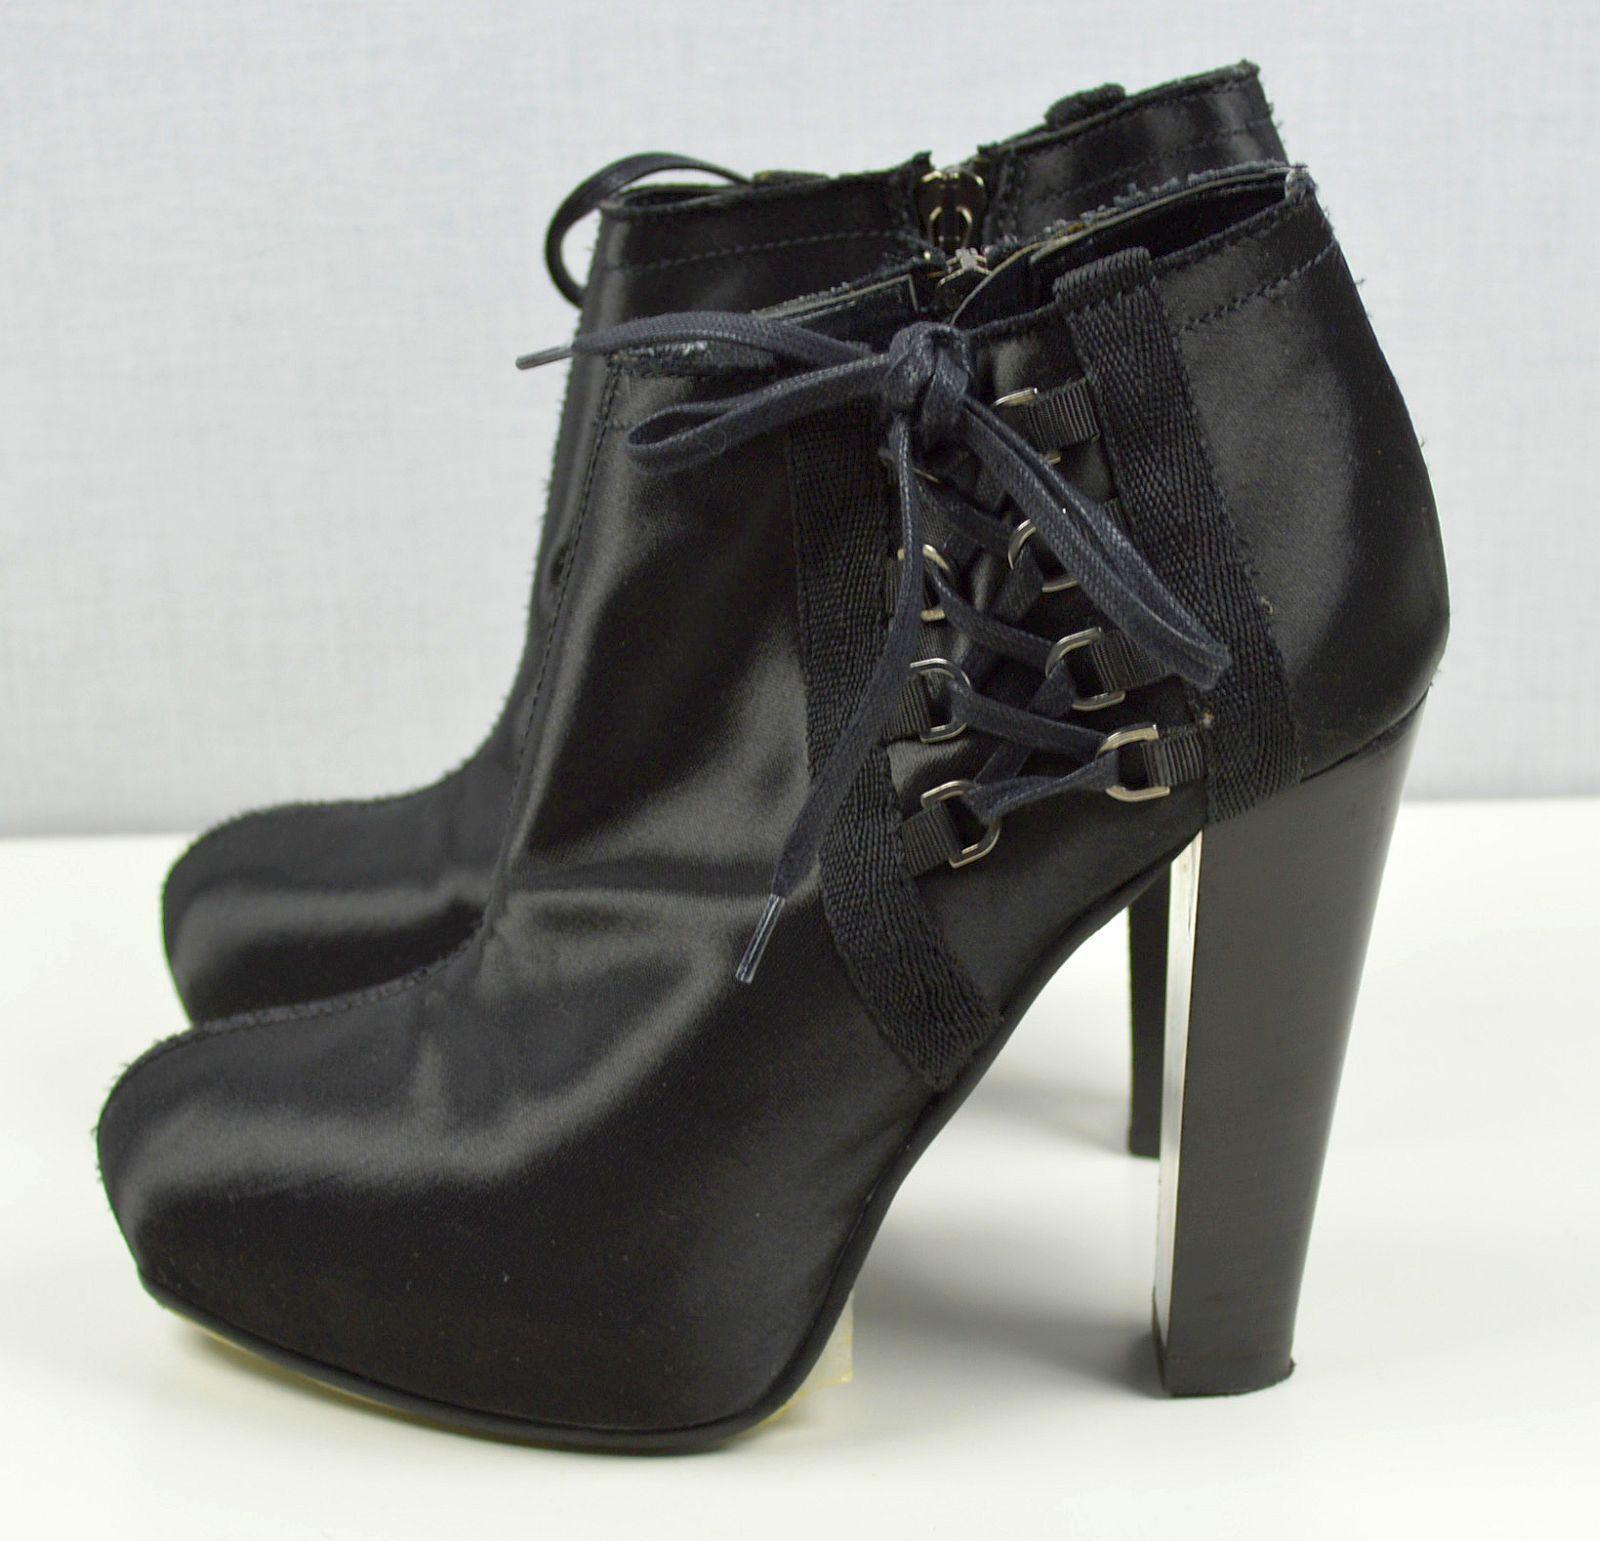 Stefanel Damenschuhe Stiefeletten High Heel Plateau Damen Schuhe 22101601